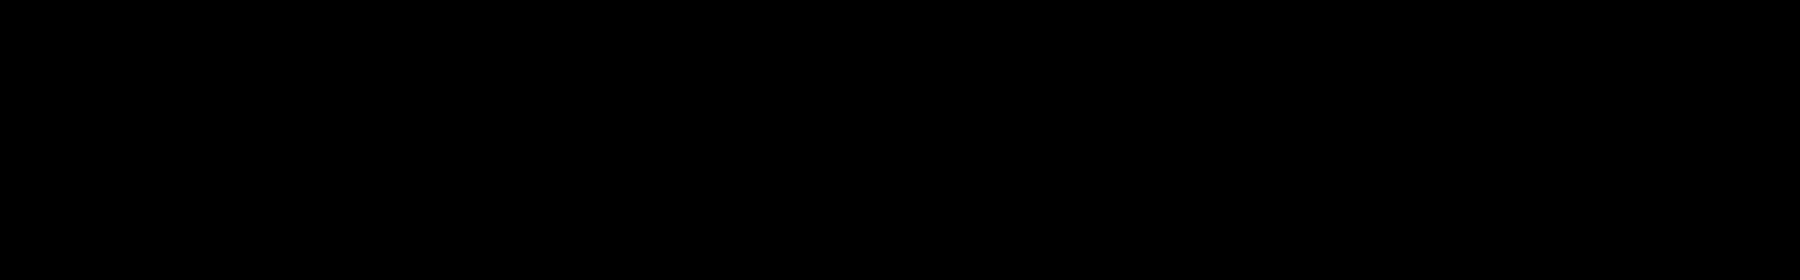 MASSIVE ANALOG KICKS audio waveform